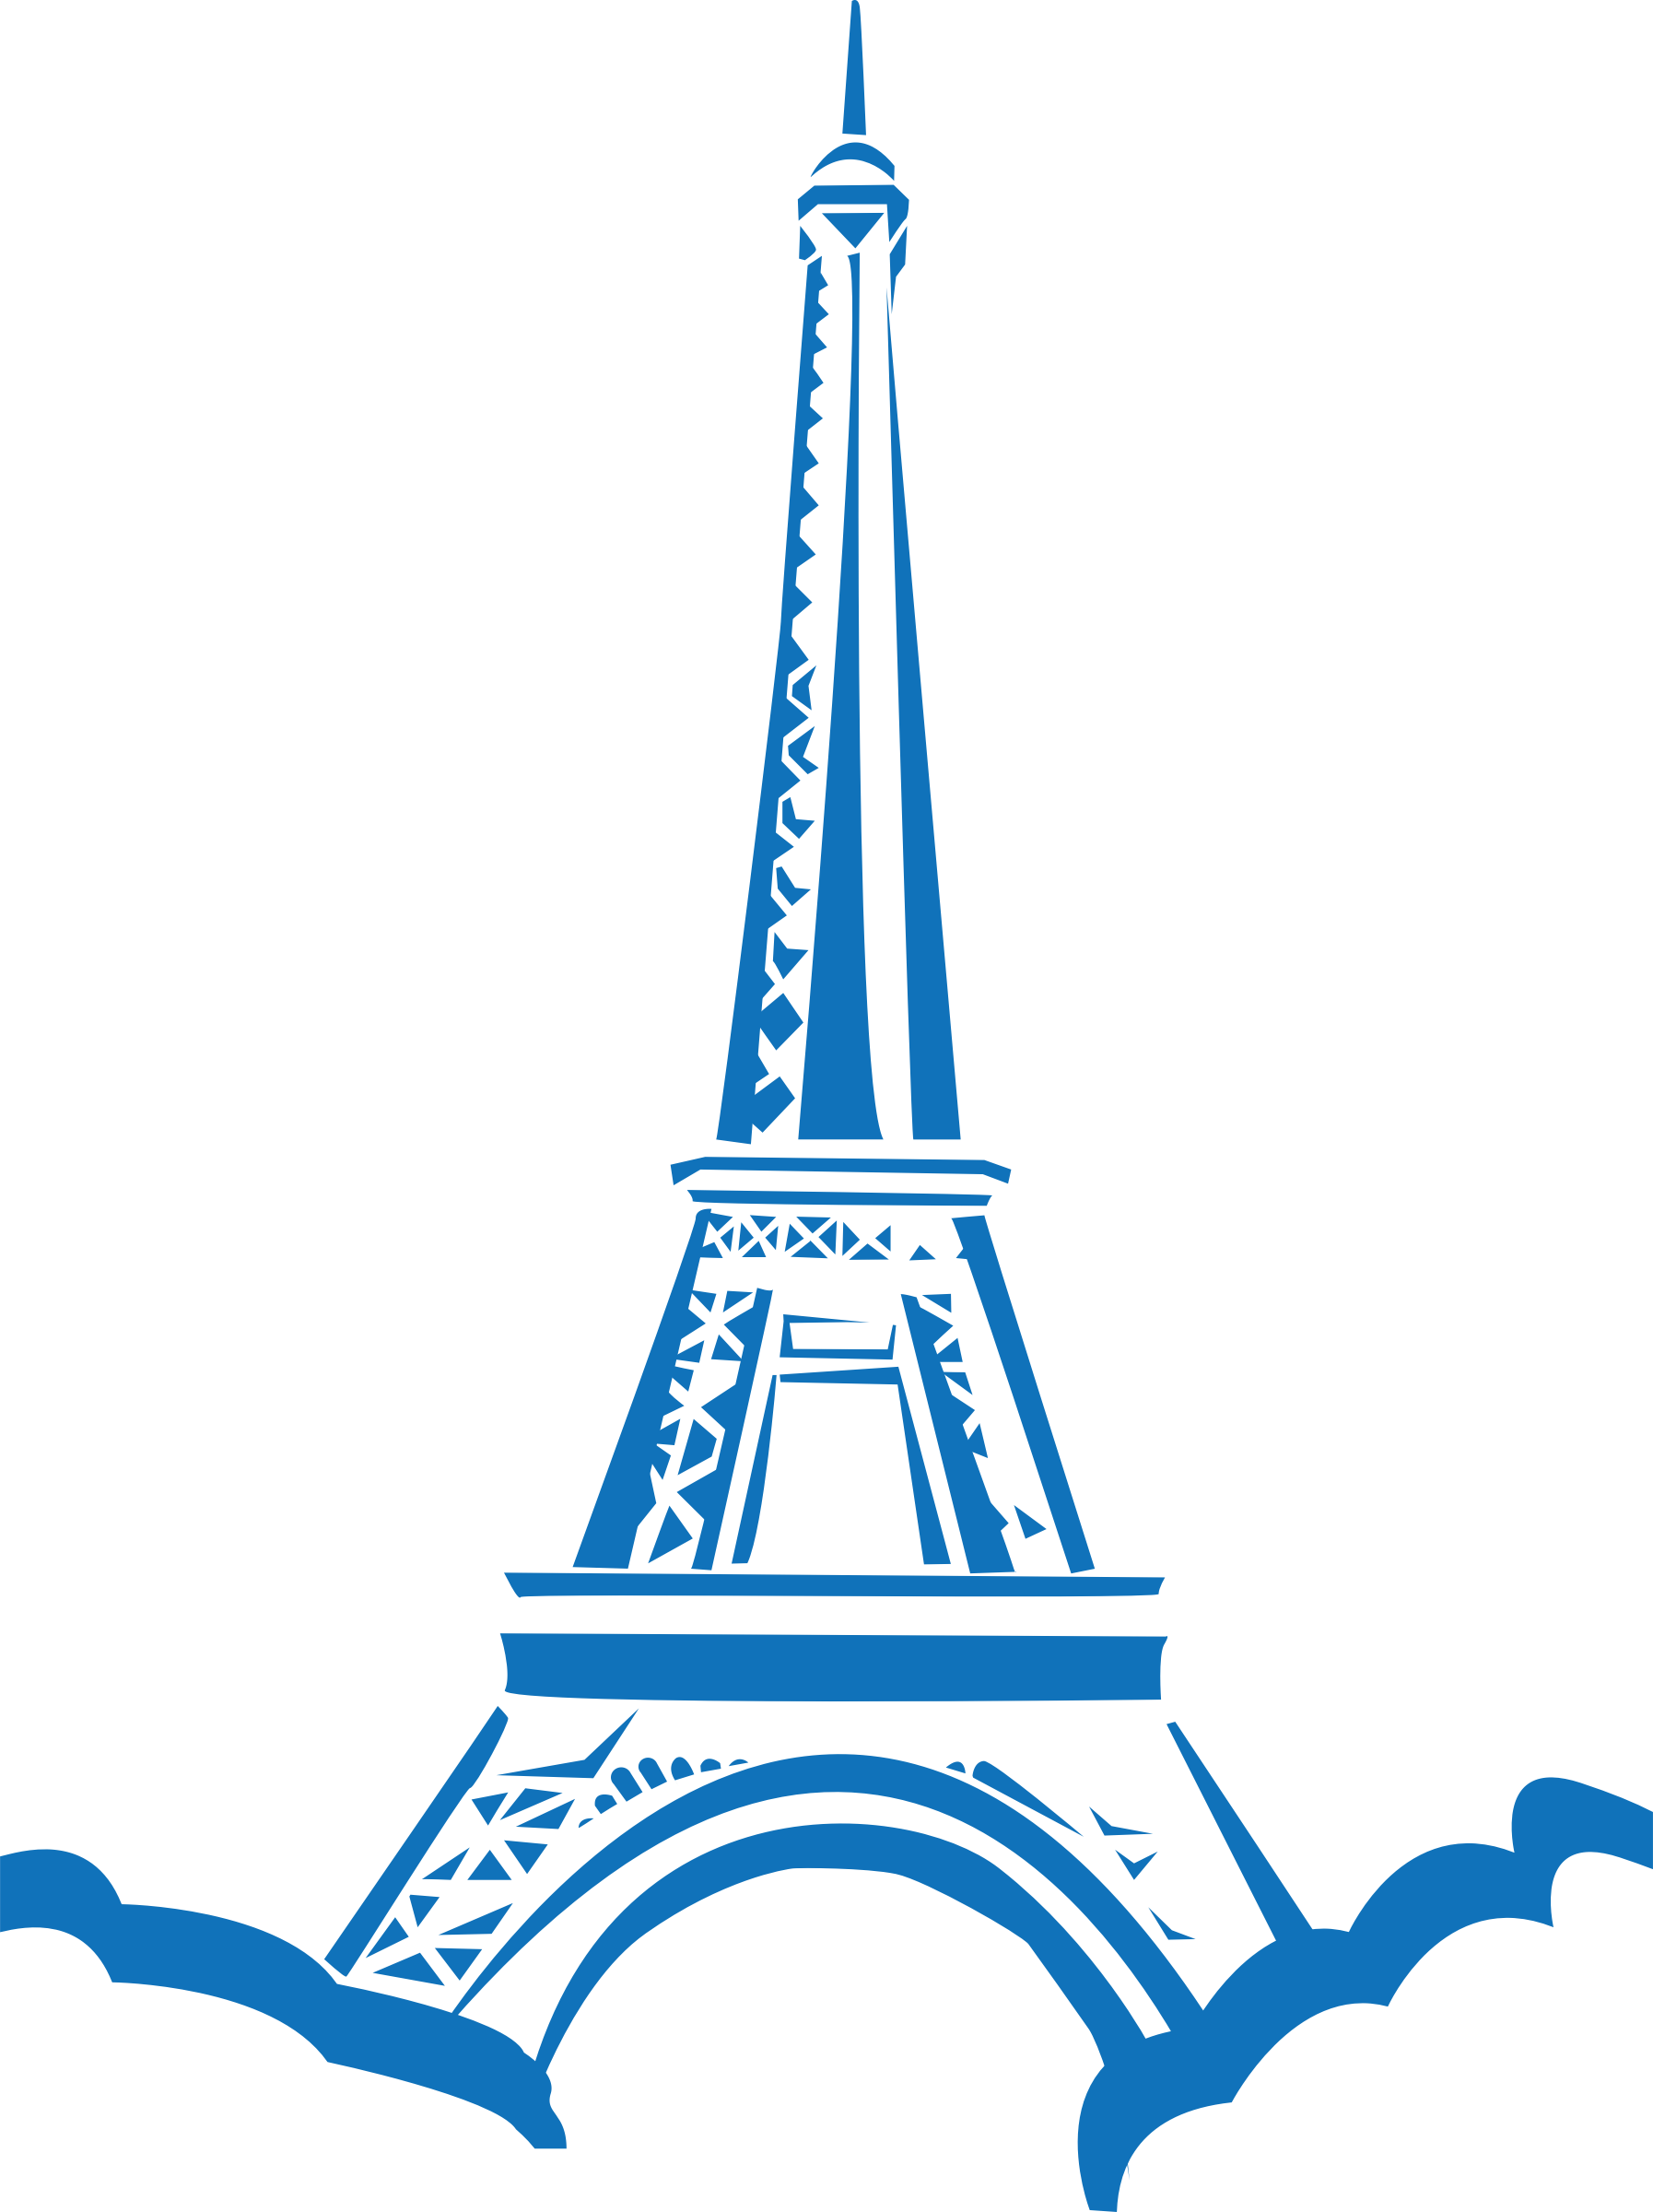 Eiffel paris icons png. Tower clipart svg